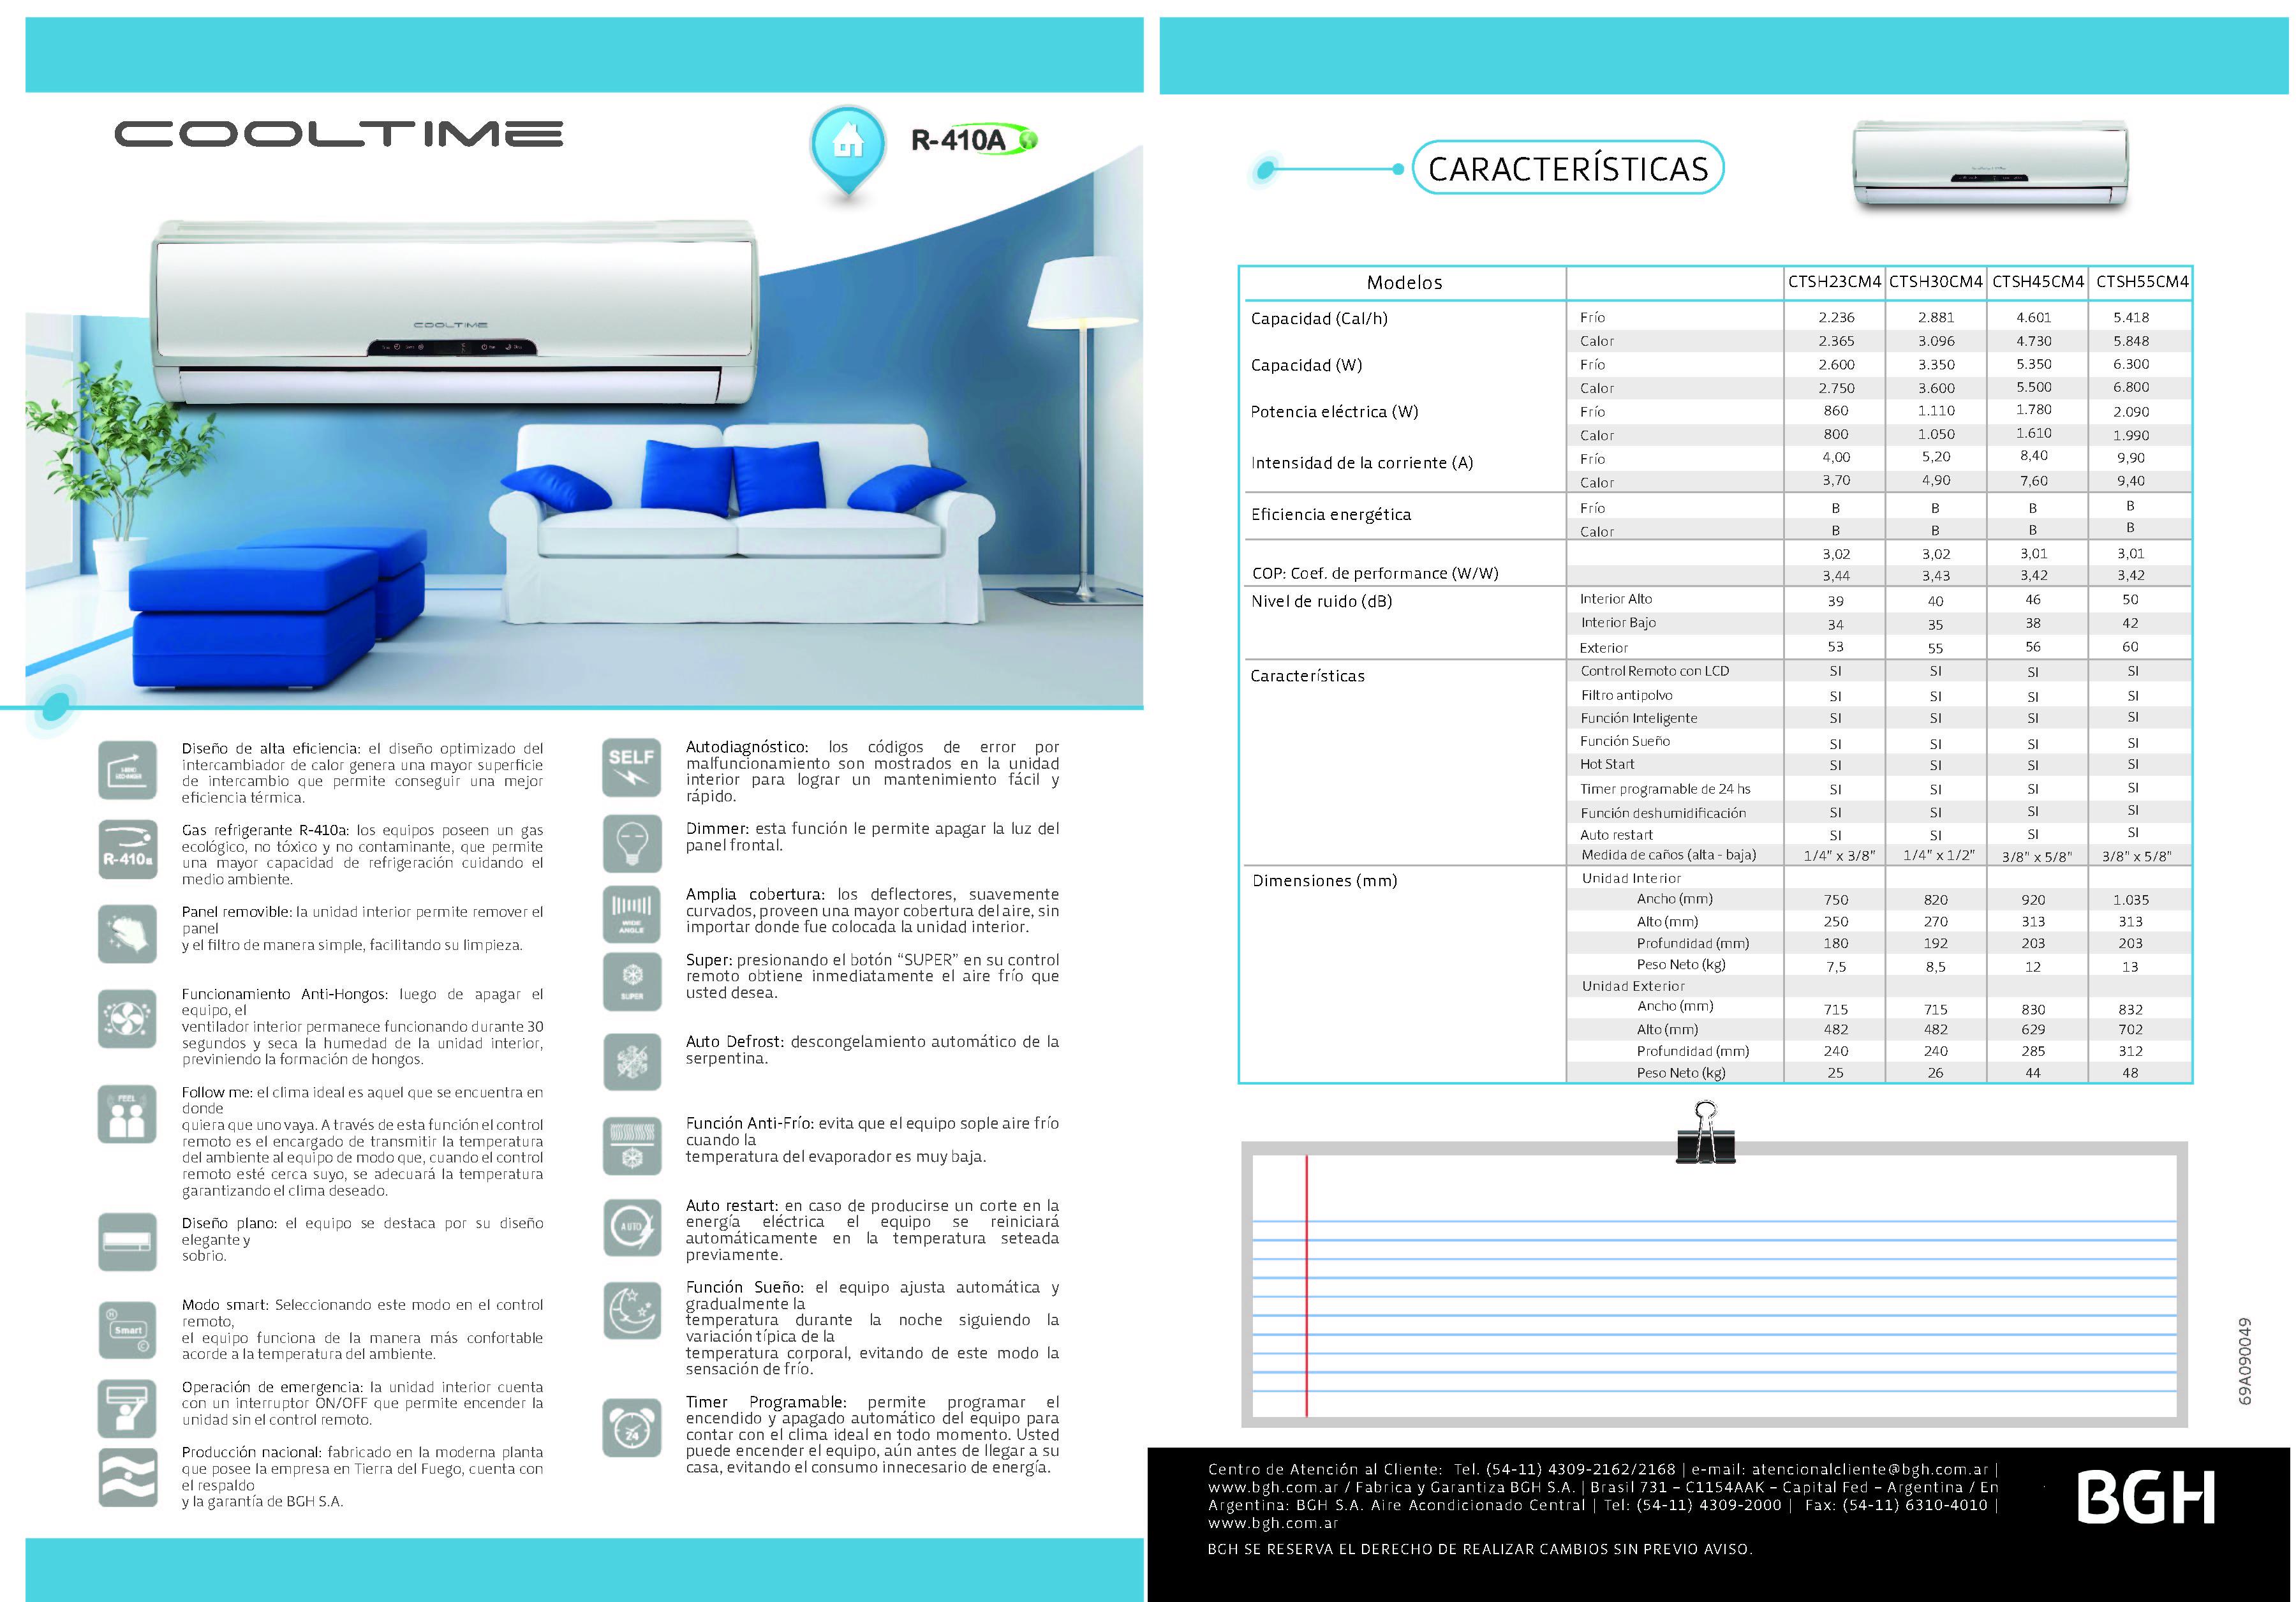 Manual bgh silent air sistema de aire acondicionado for Manual aire acondicionado